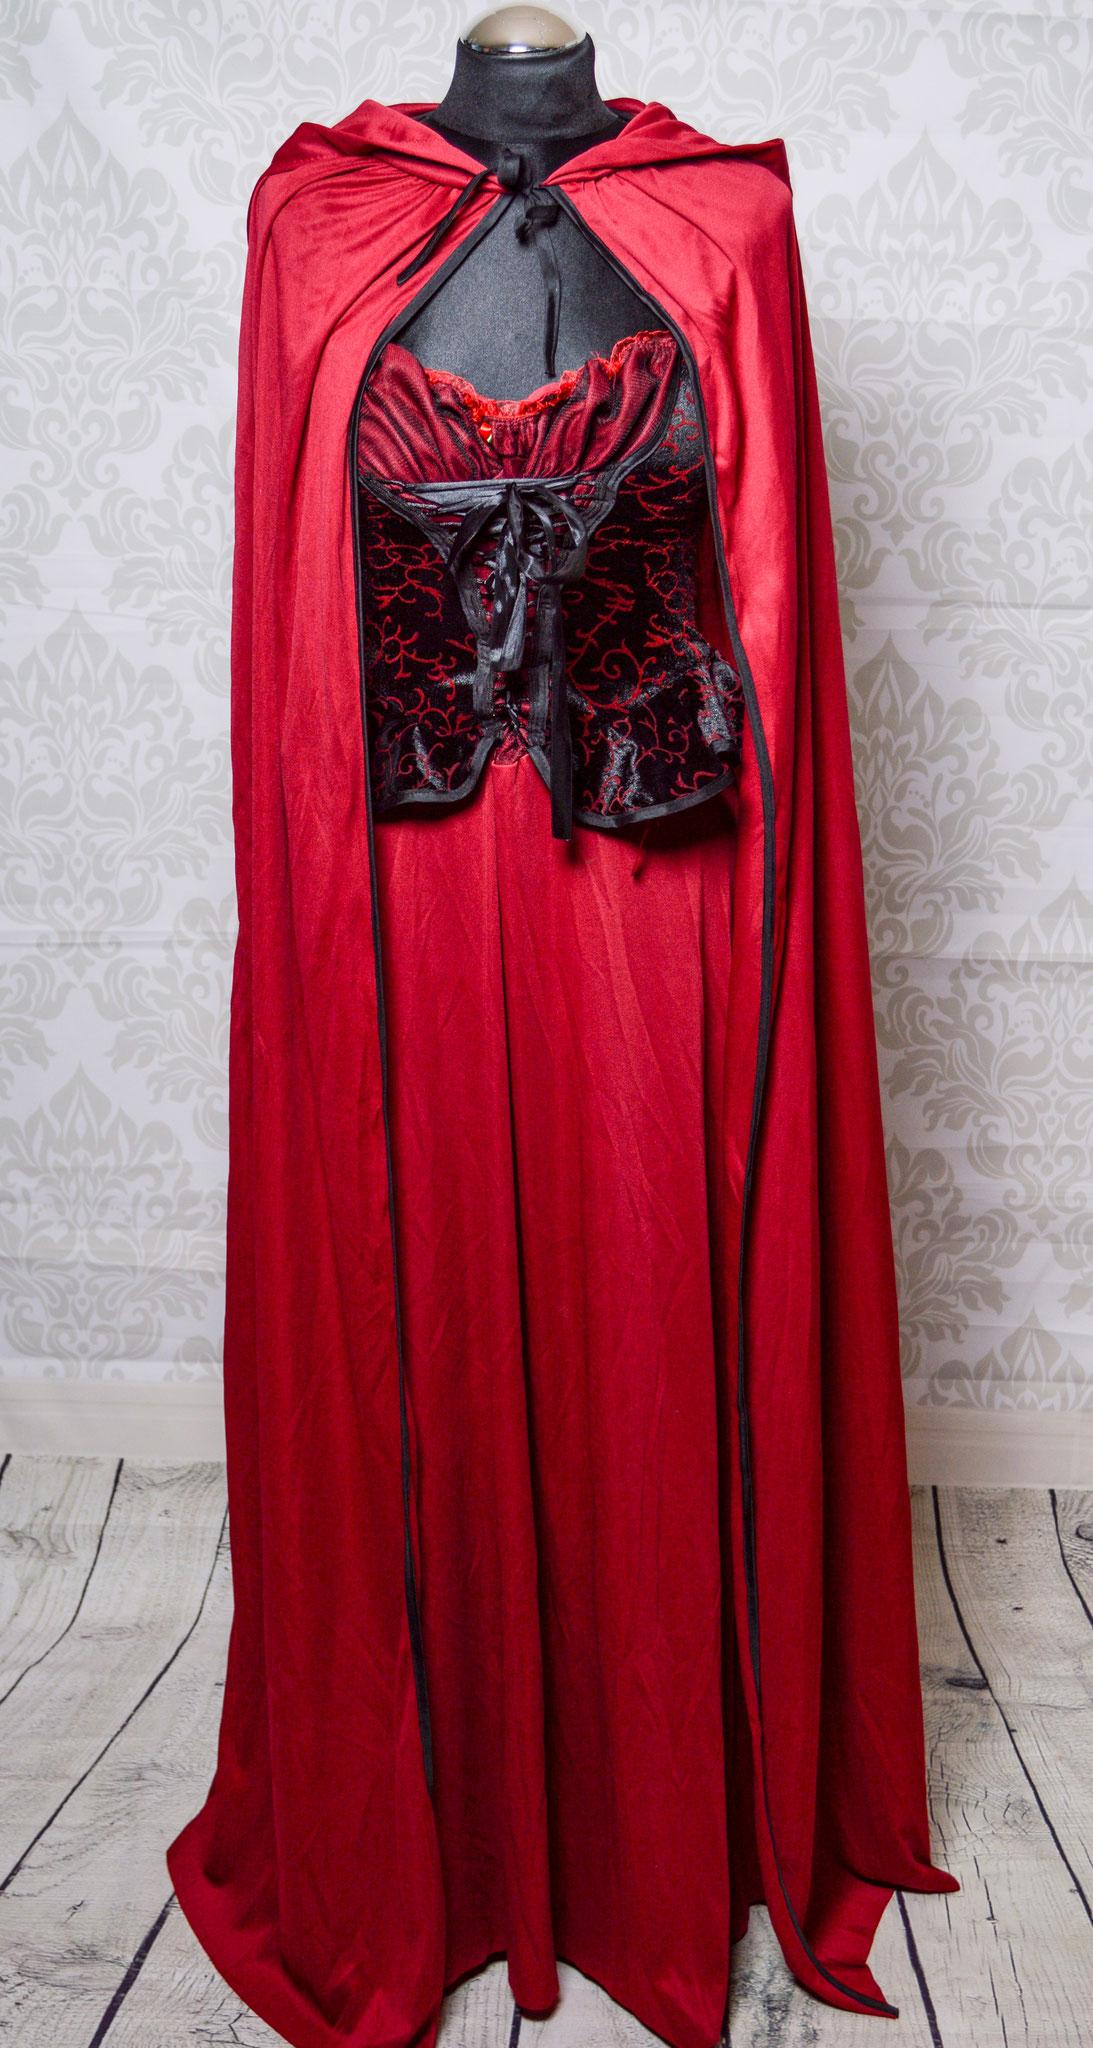 Nr. 9 Mittelalter Kleid Gr. 36/38 inkl Umhang (Mit Umhang auch als Rotkäppchen möglich)